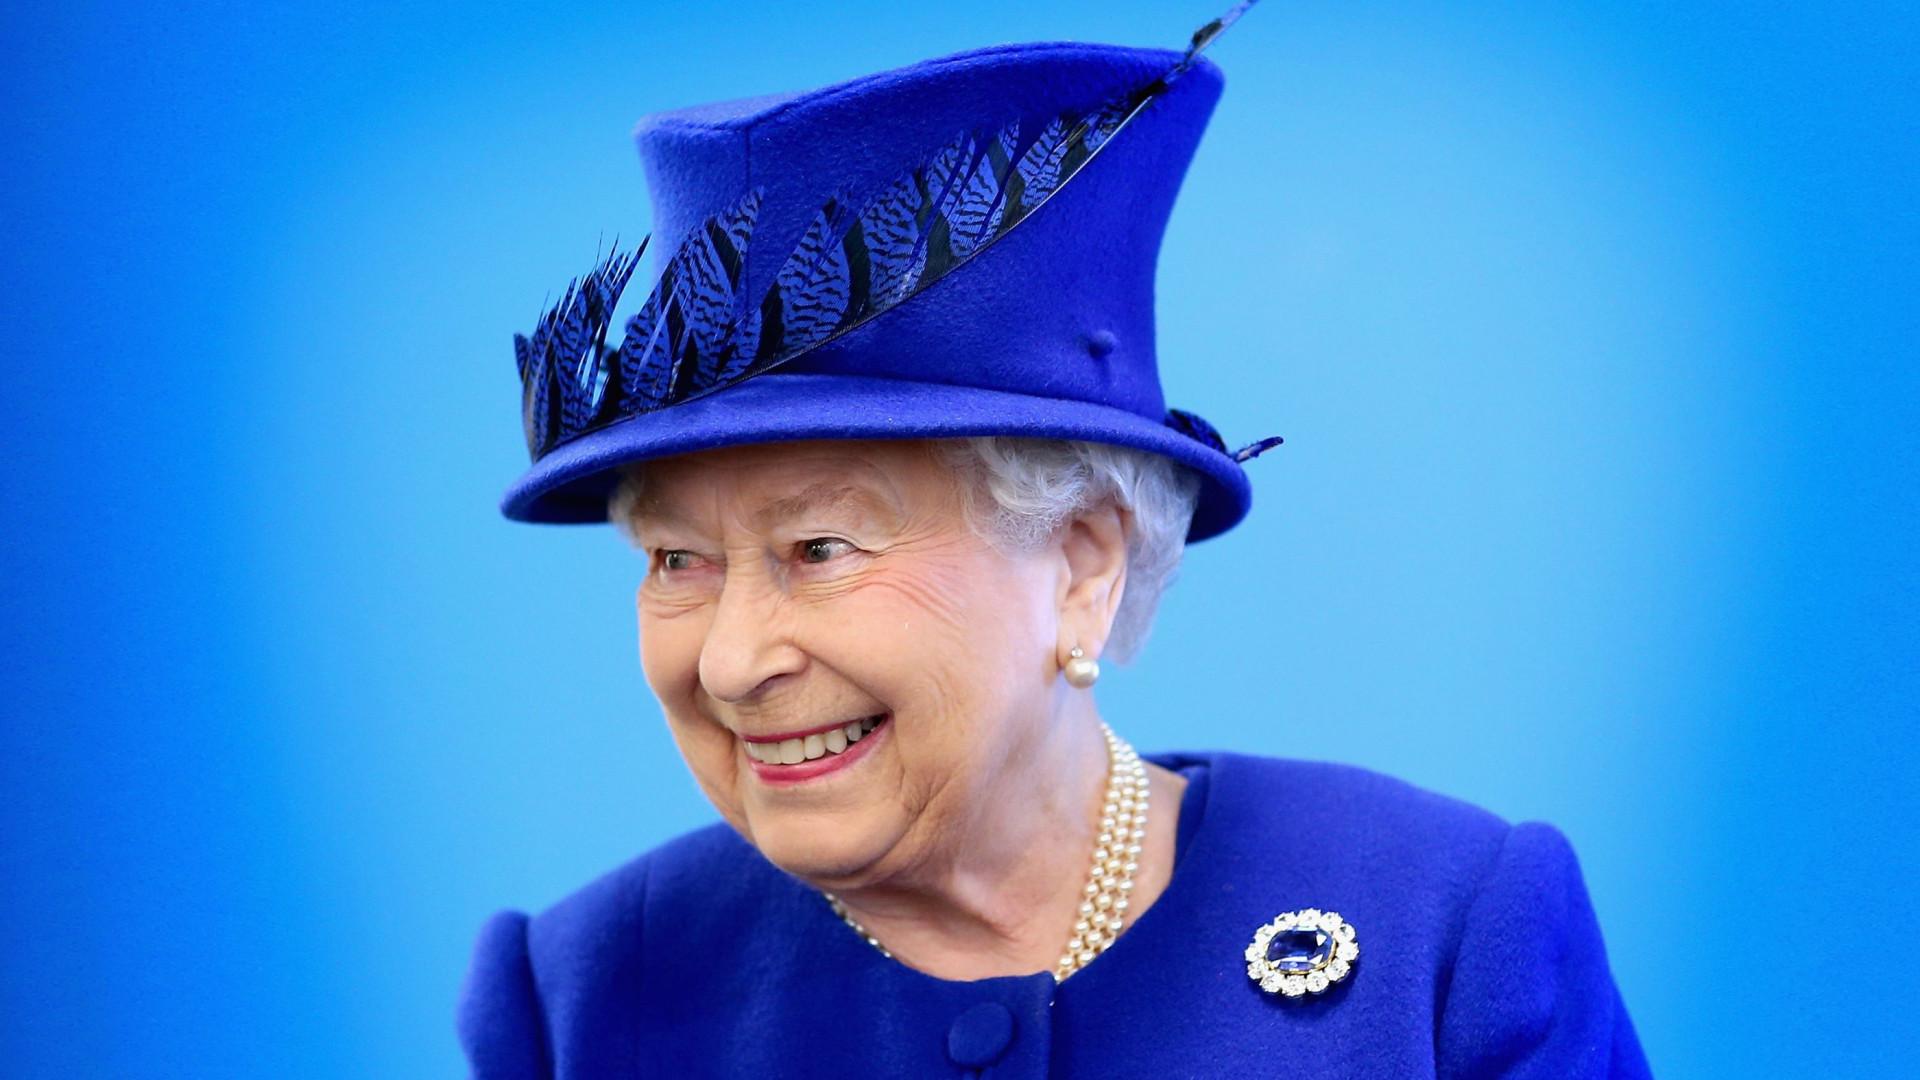 Rainha Isabel II está a contratar. Há uma vaga de trabalho no palácio